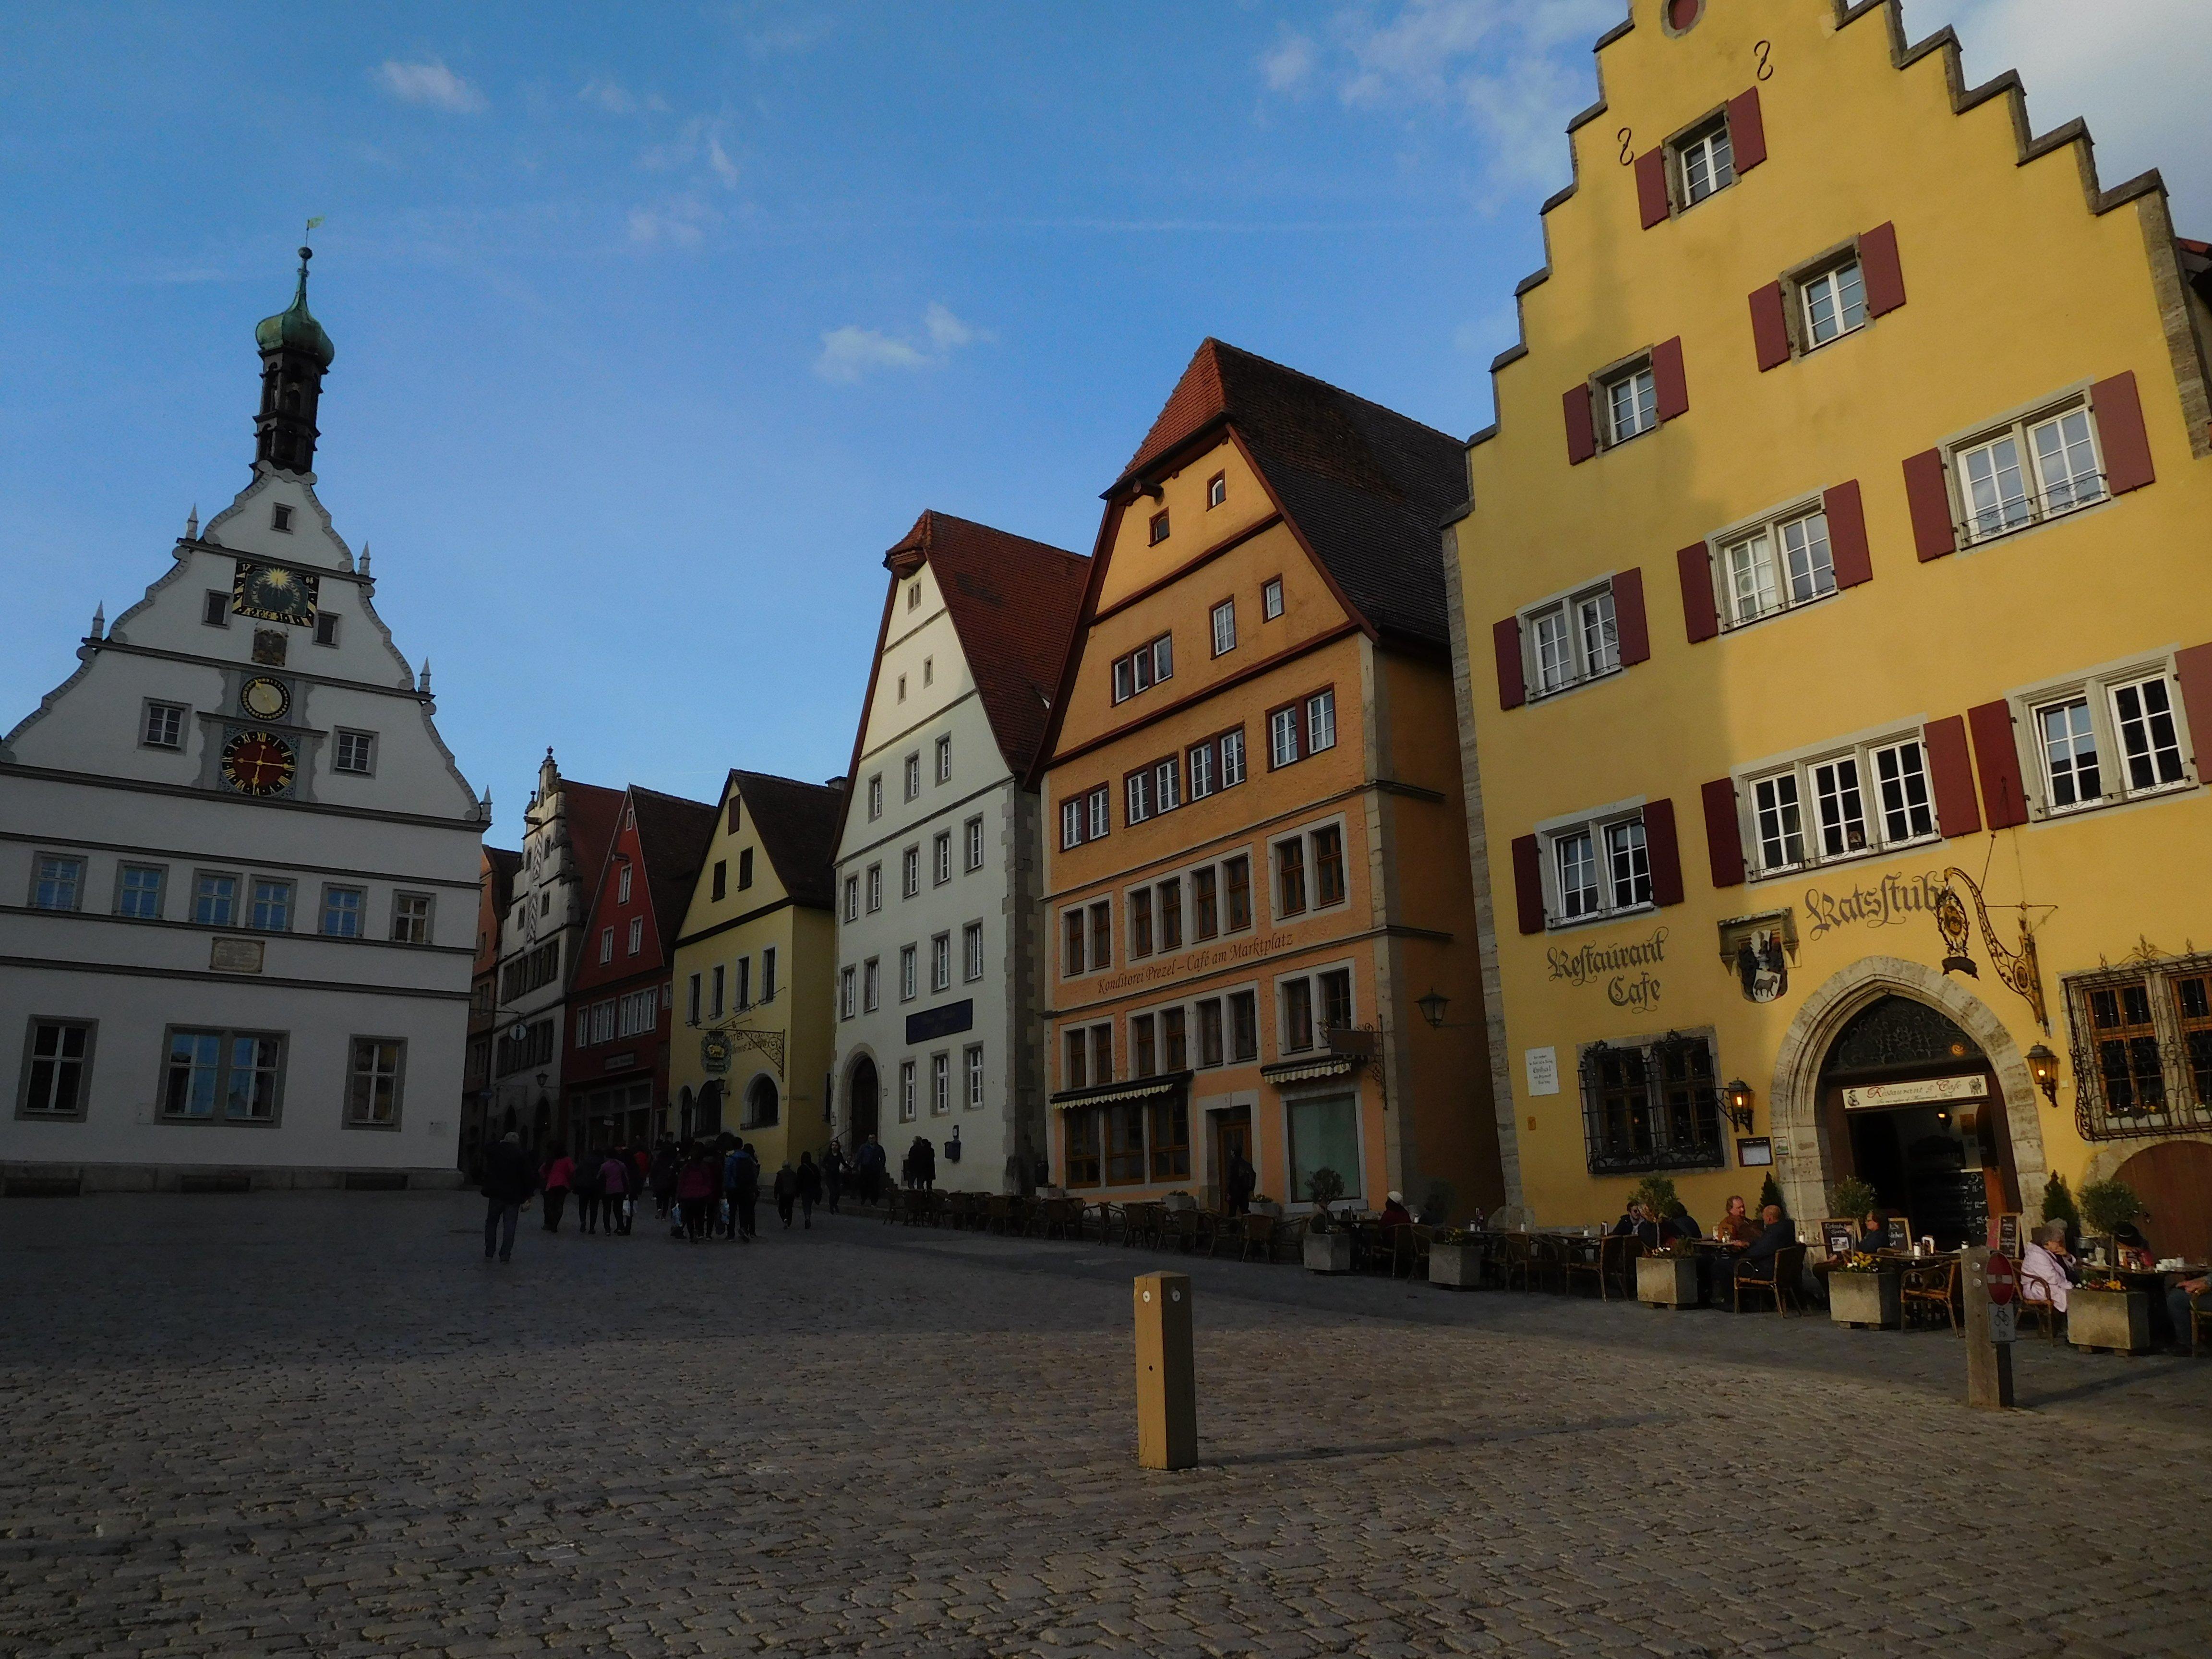 Marktplatz, Rothenburg